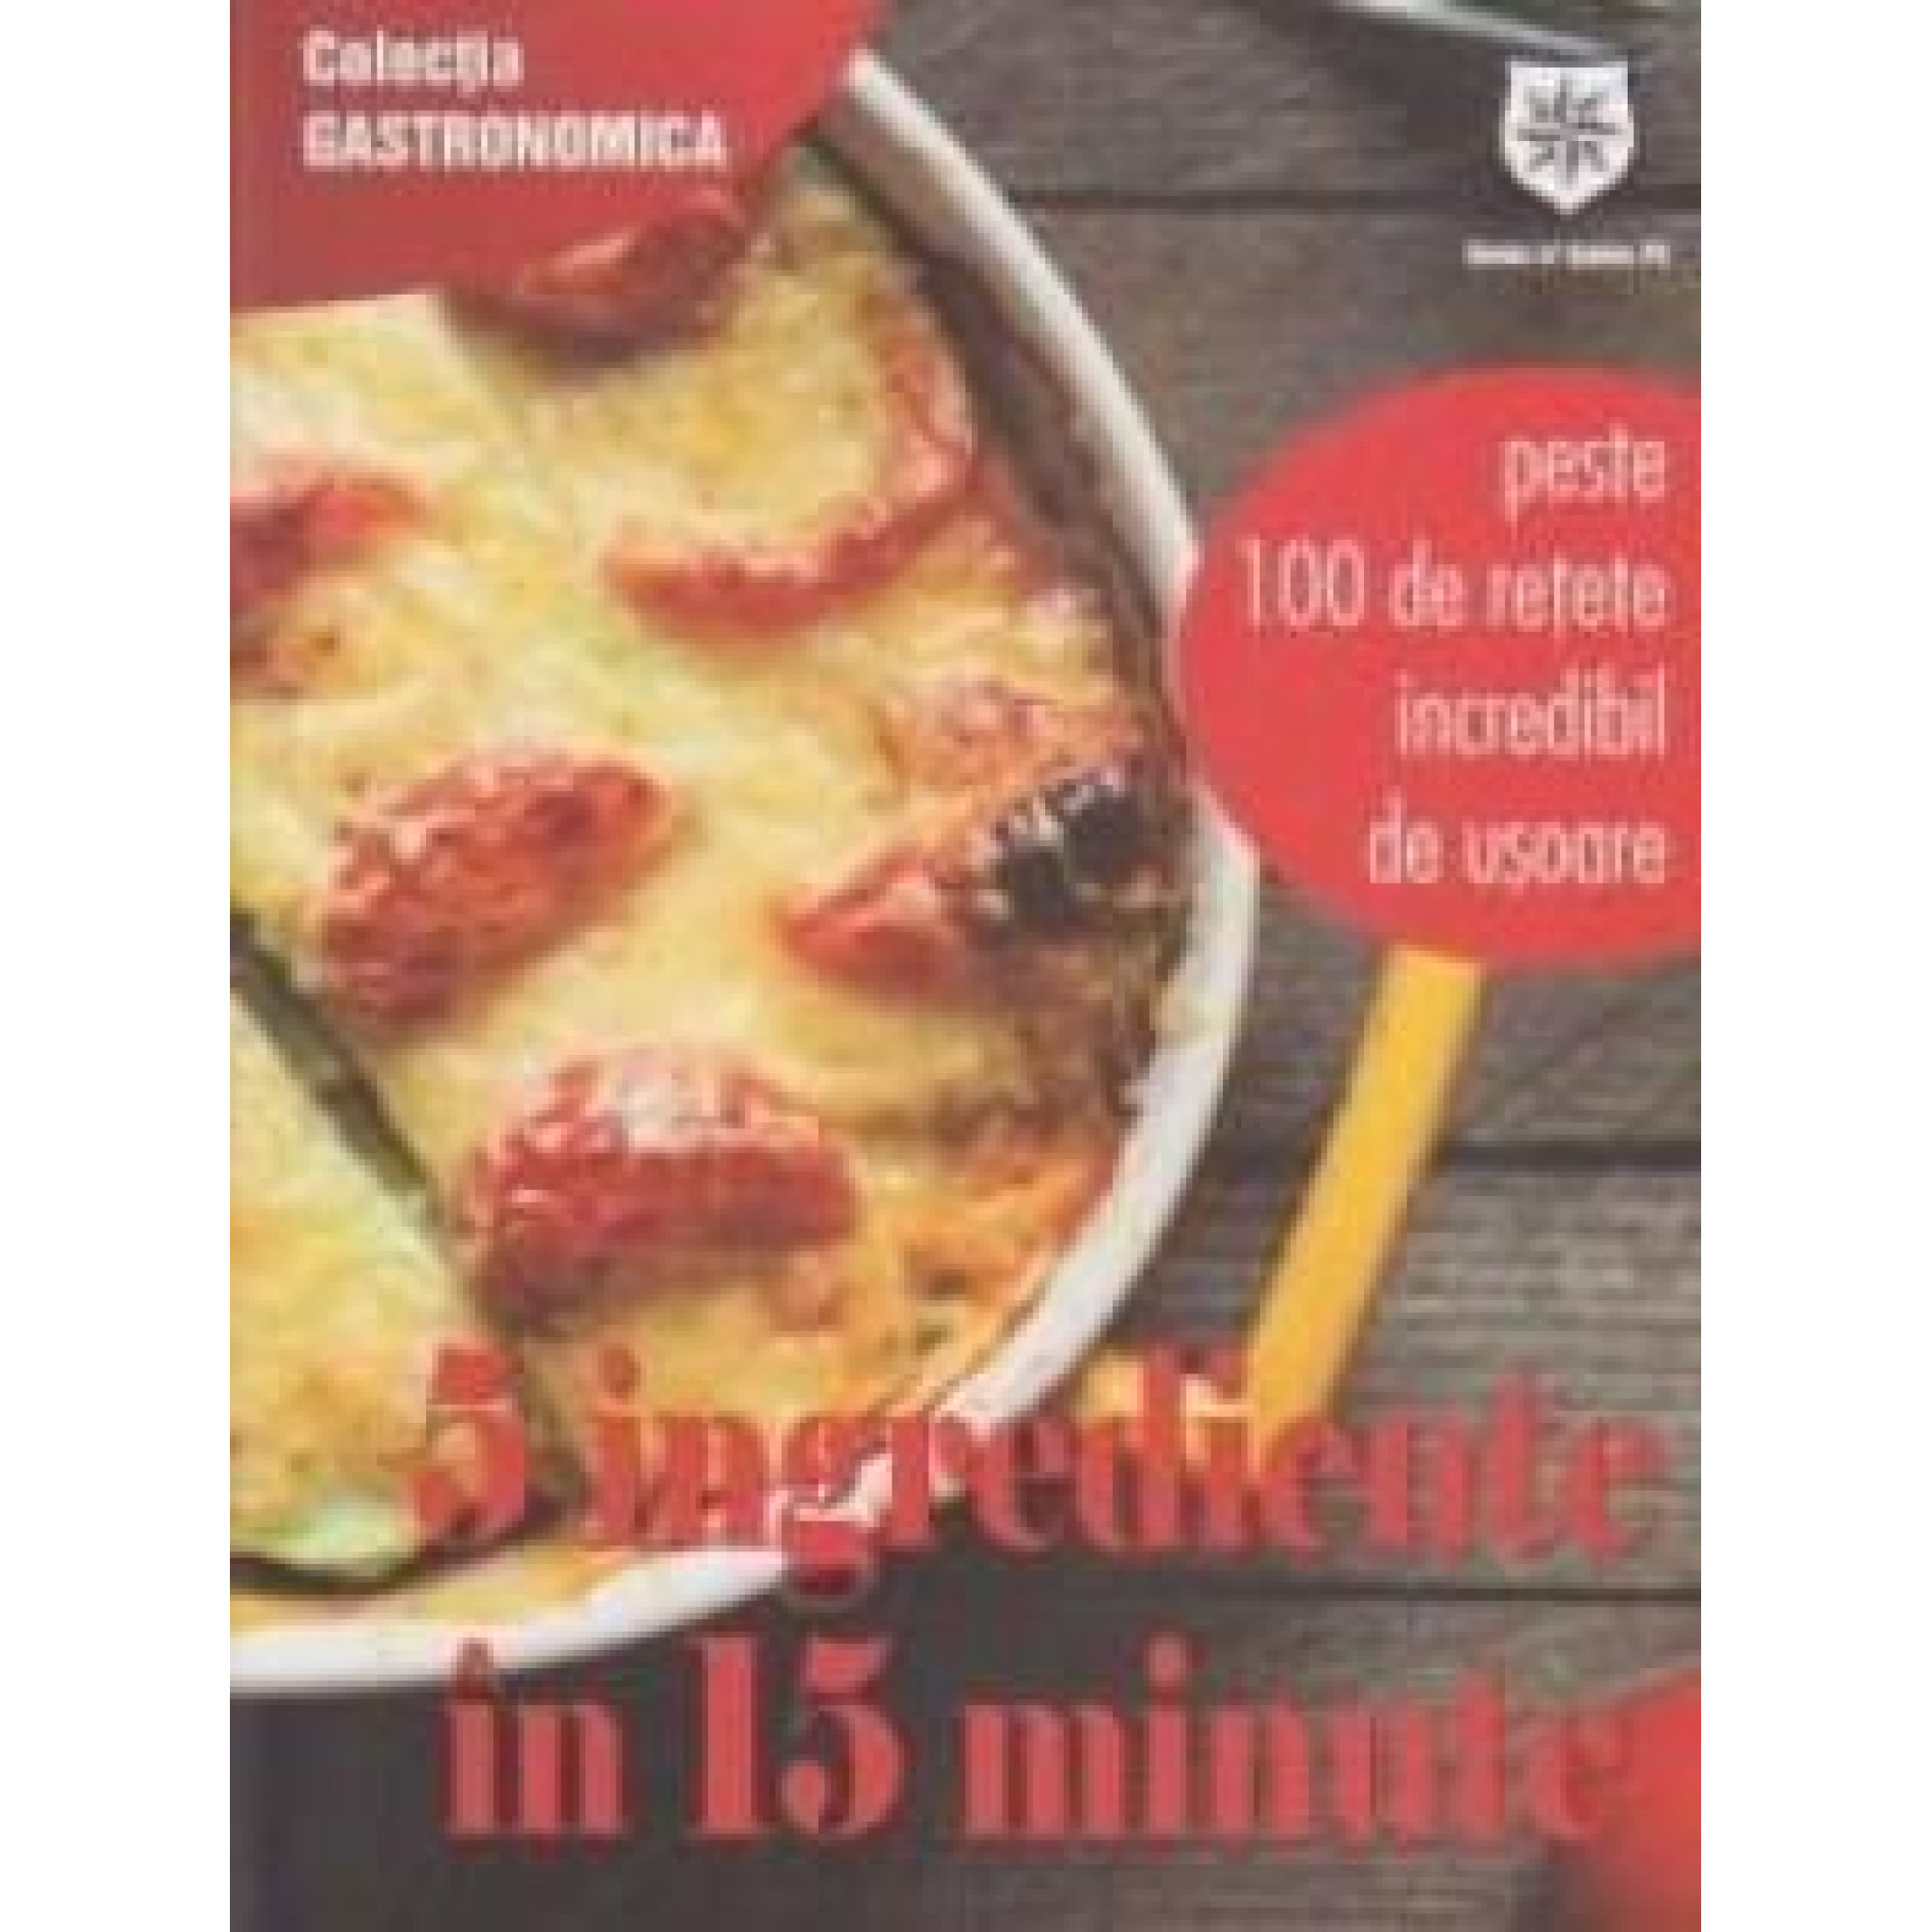 5 ingrediente în 15 minute. Peste 100 de rețete incredibil de ușoare